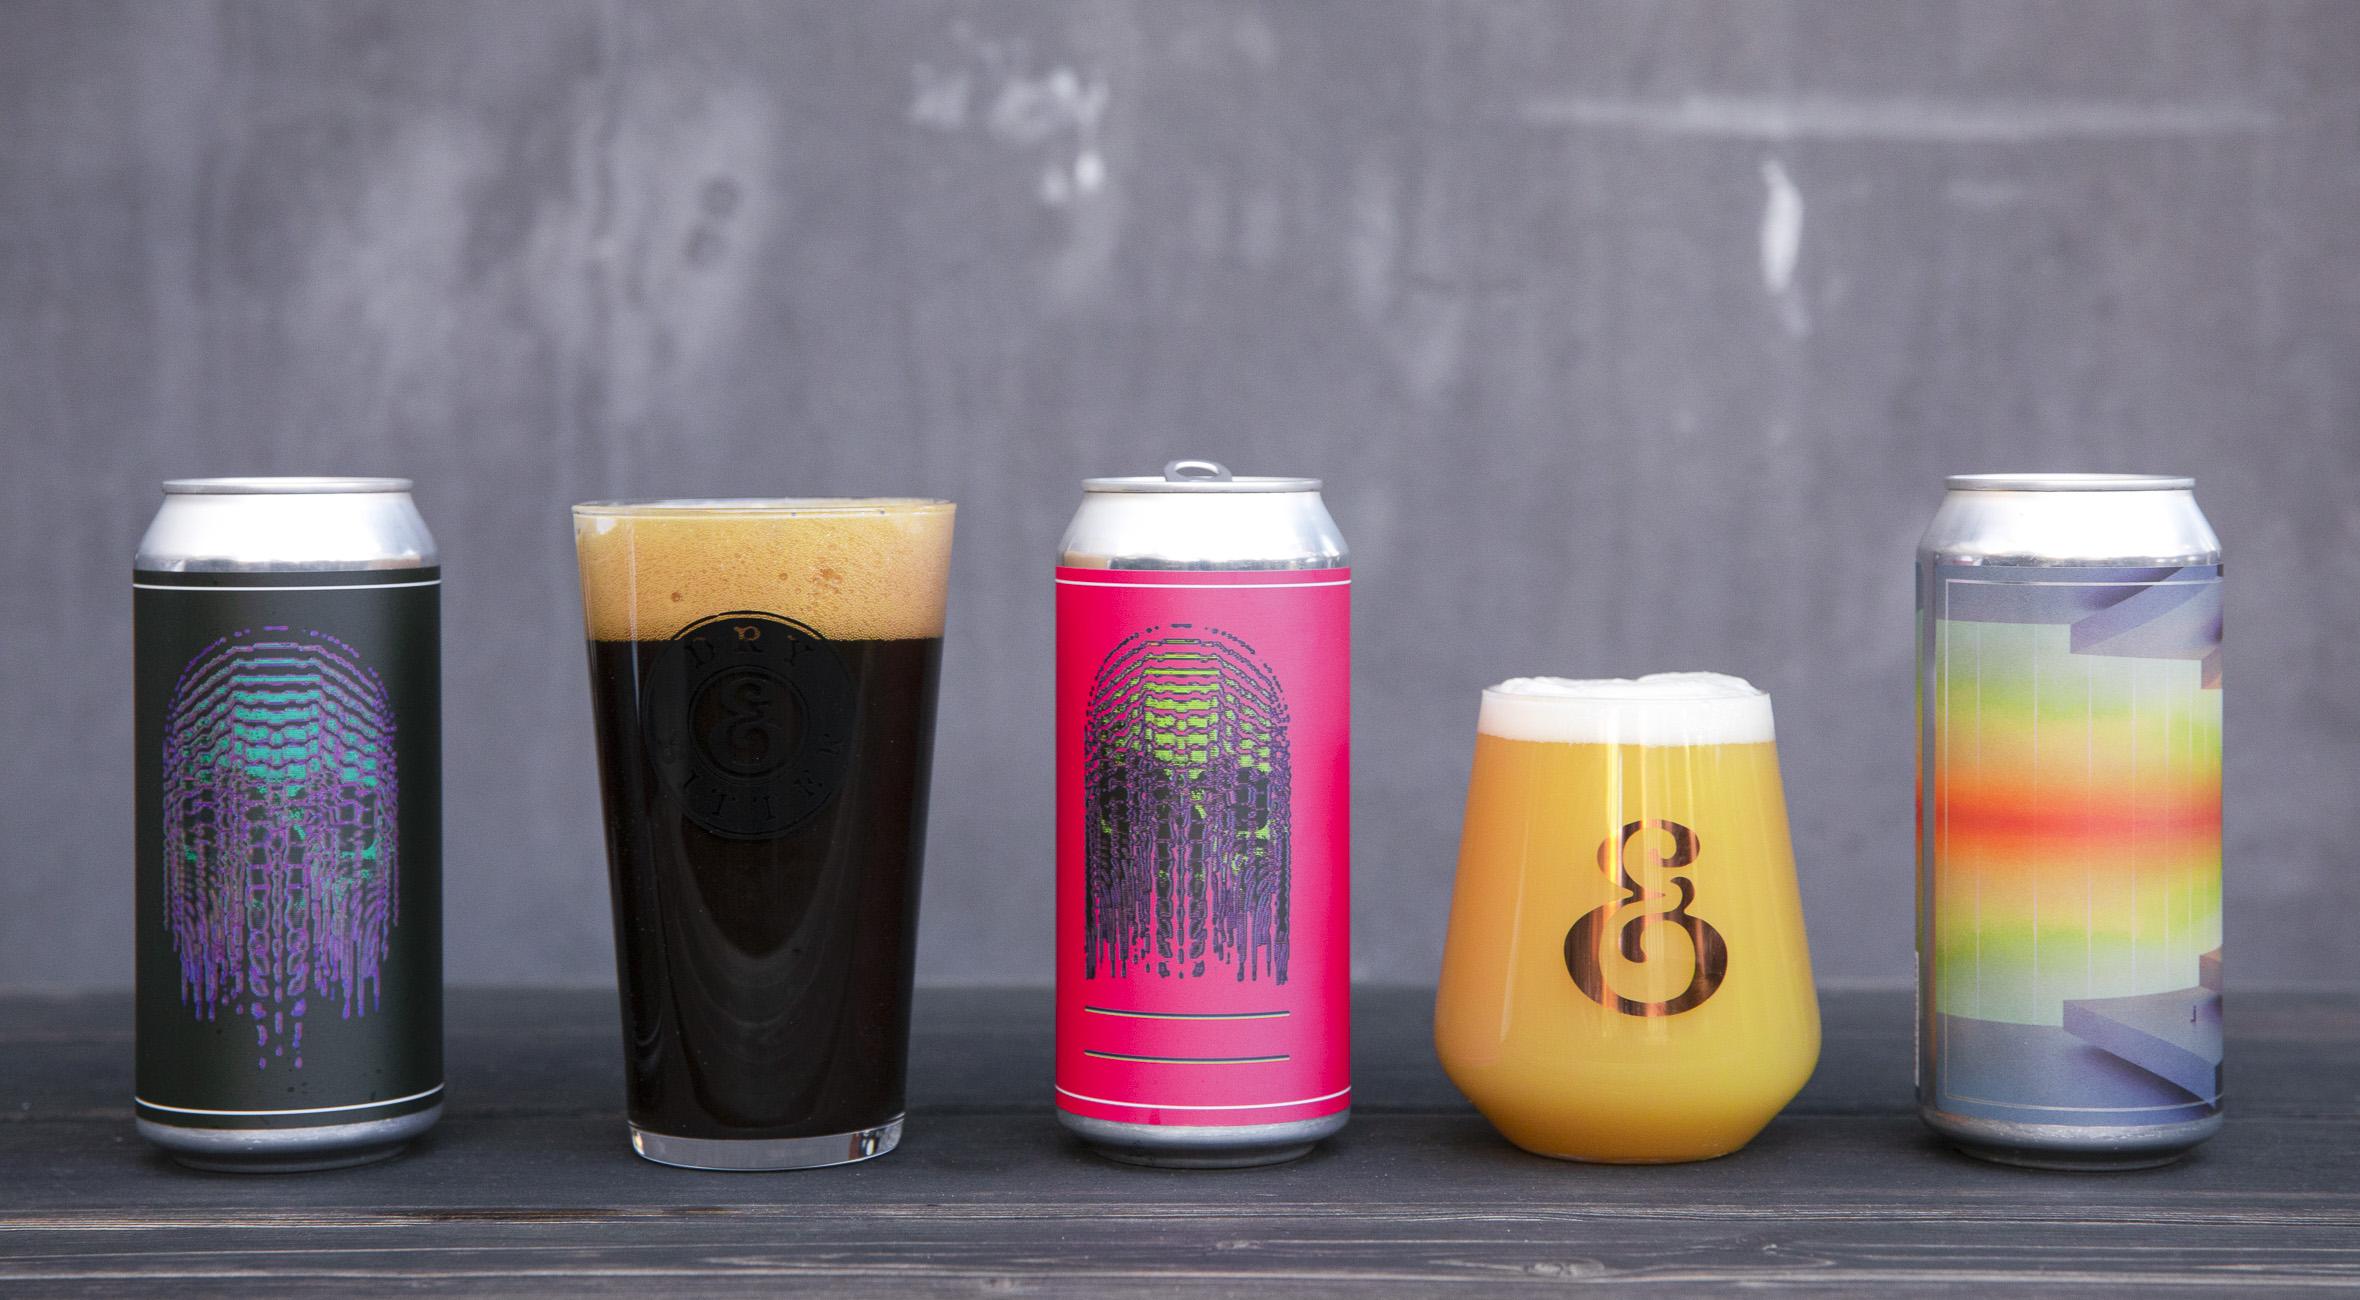 Frit valg til alt hos Dry & Bitter Brewing Company – Få øl i verdensklasse! Indløs i pop-up shoppen på Vesterbro eller på bryggeriet i Gørløse